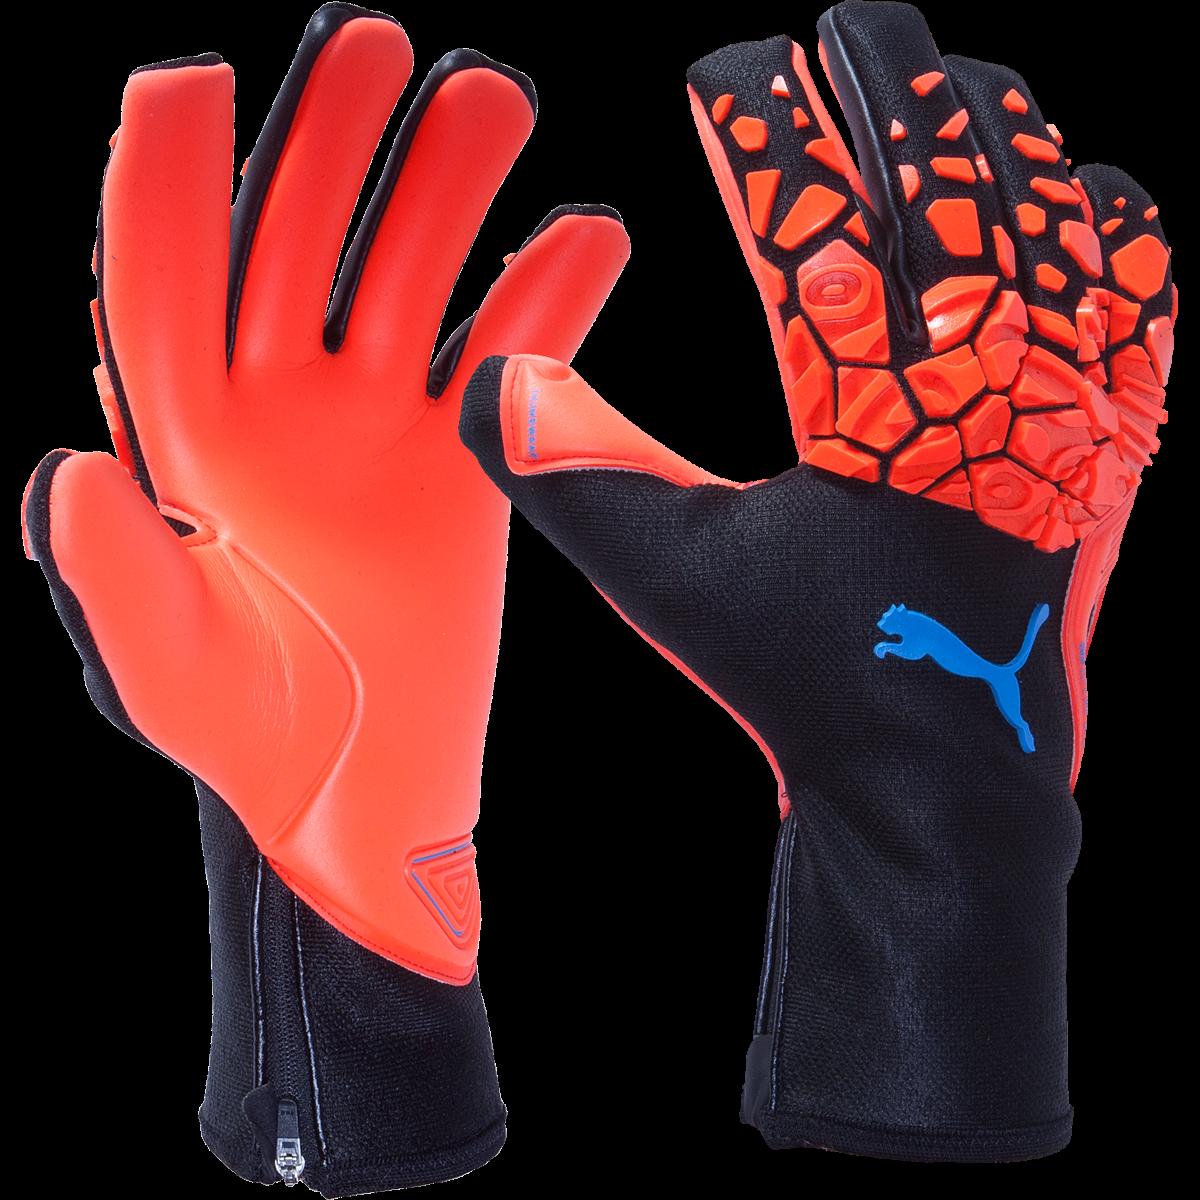 Puma Future Grip 19 1 Goalkeeper Gloves 7 In 2020 Goalkeeper Goalkeeper Gloves Gloves